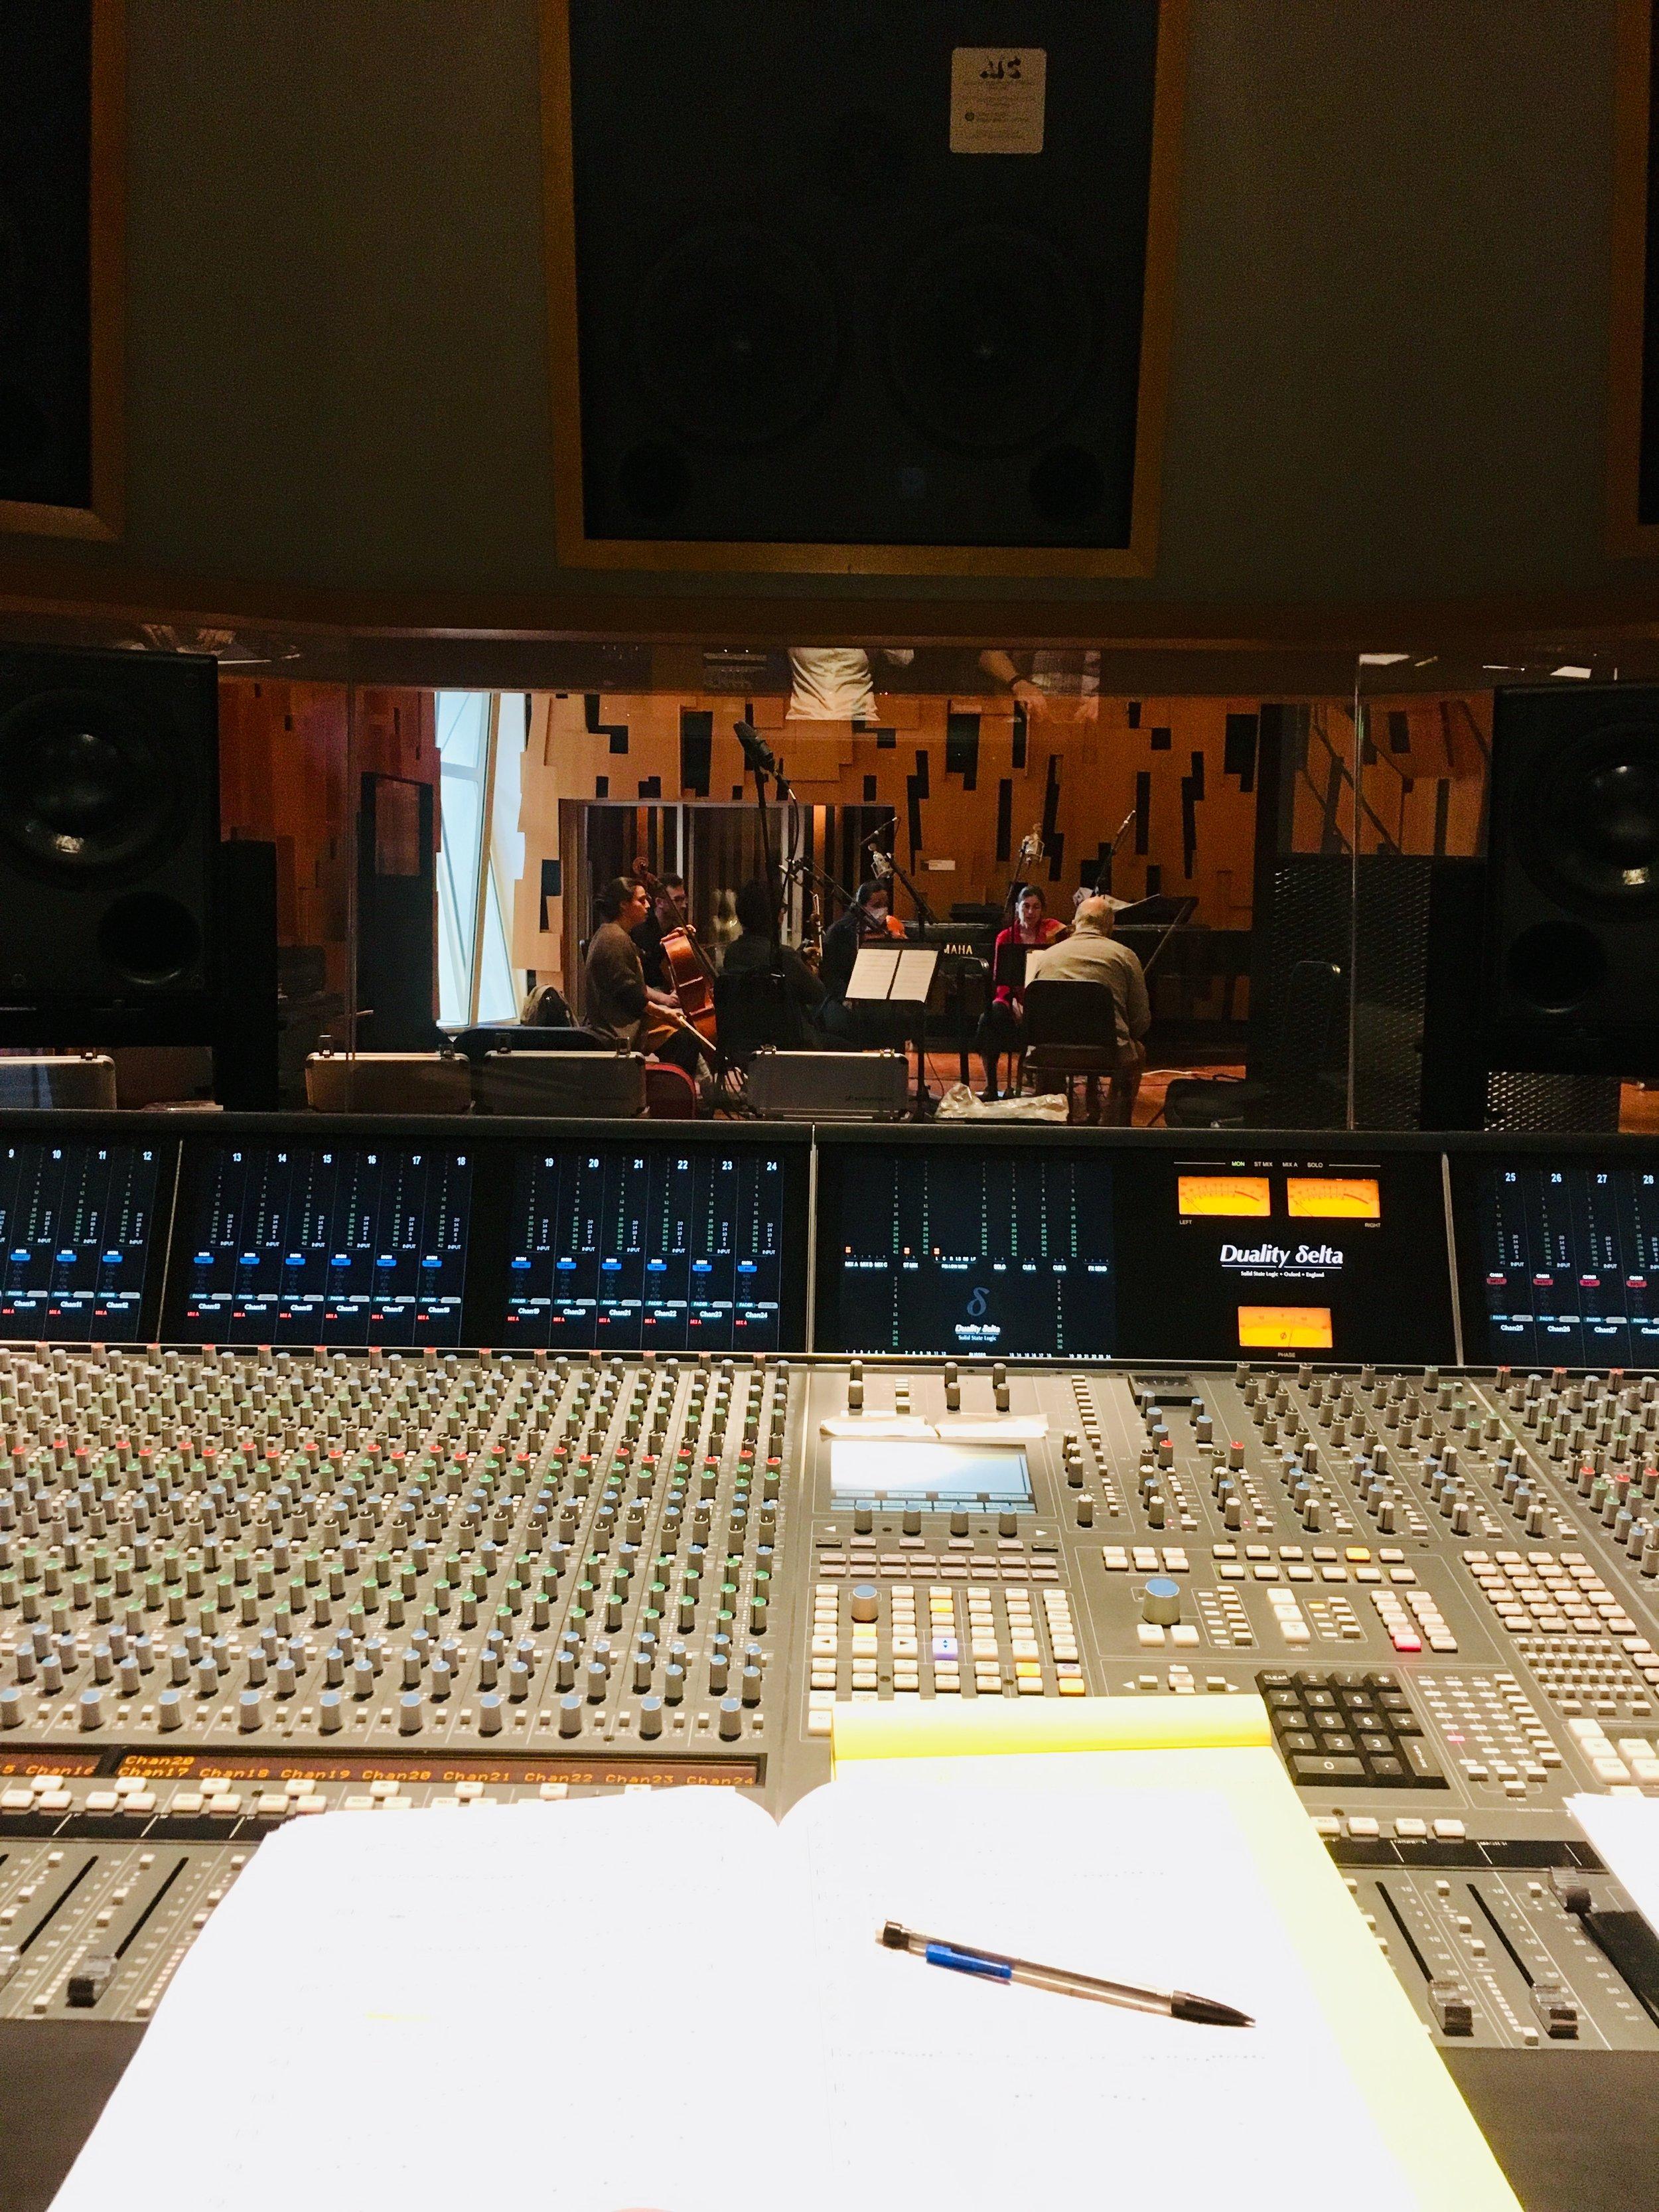 In the studio: Movses Pogossian, Varty Manouelian, Karen Ouzounian, Mike Kaufman, Teng Li, and Kim Kashkashian